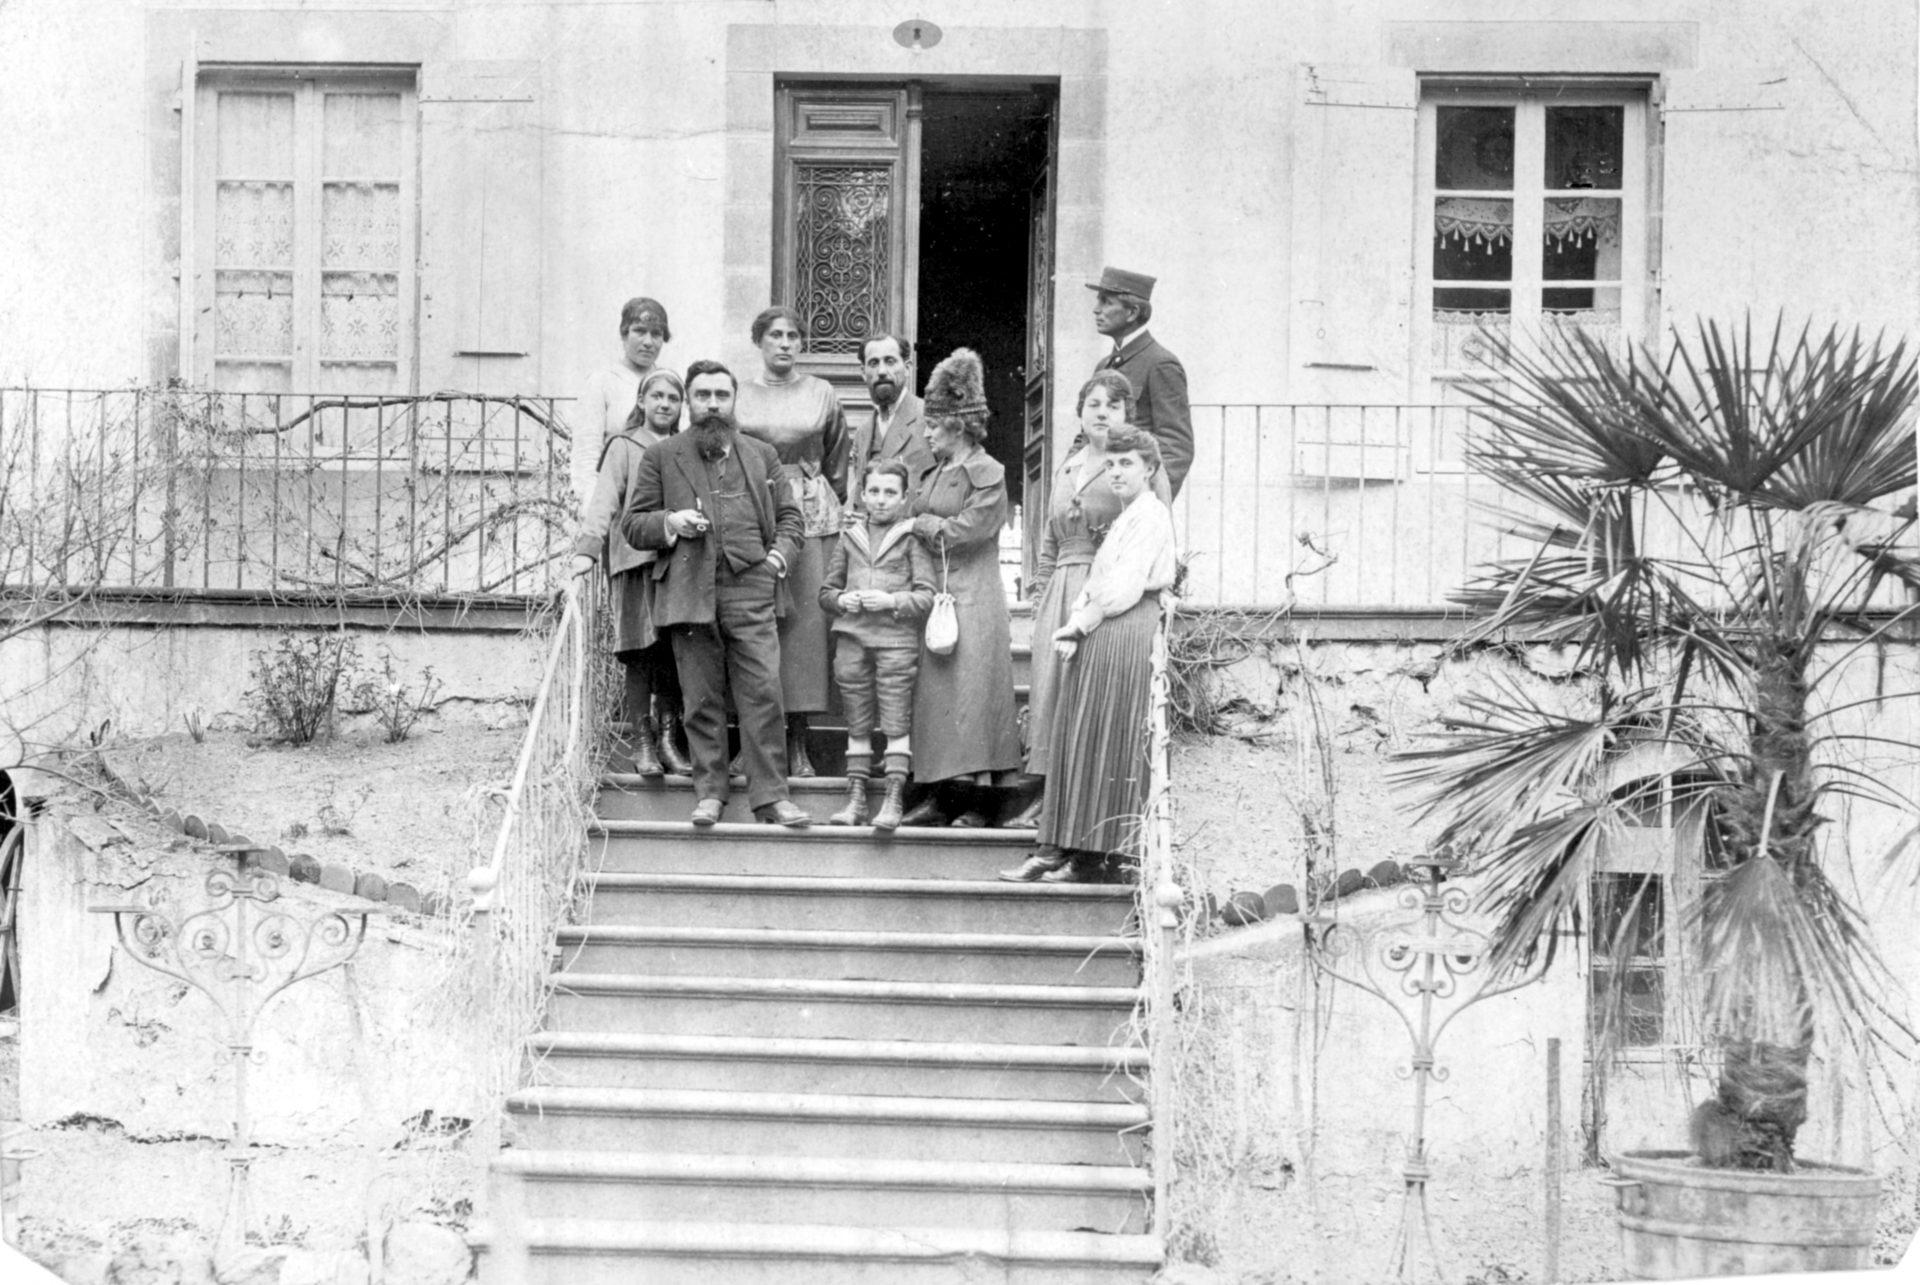 Groupe de personnes sur un escalier de maison en compagnie d'Alexandre Varenne à gauche